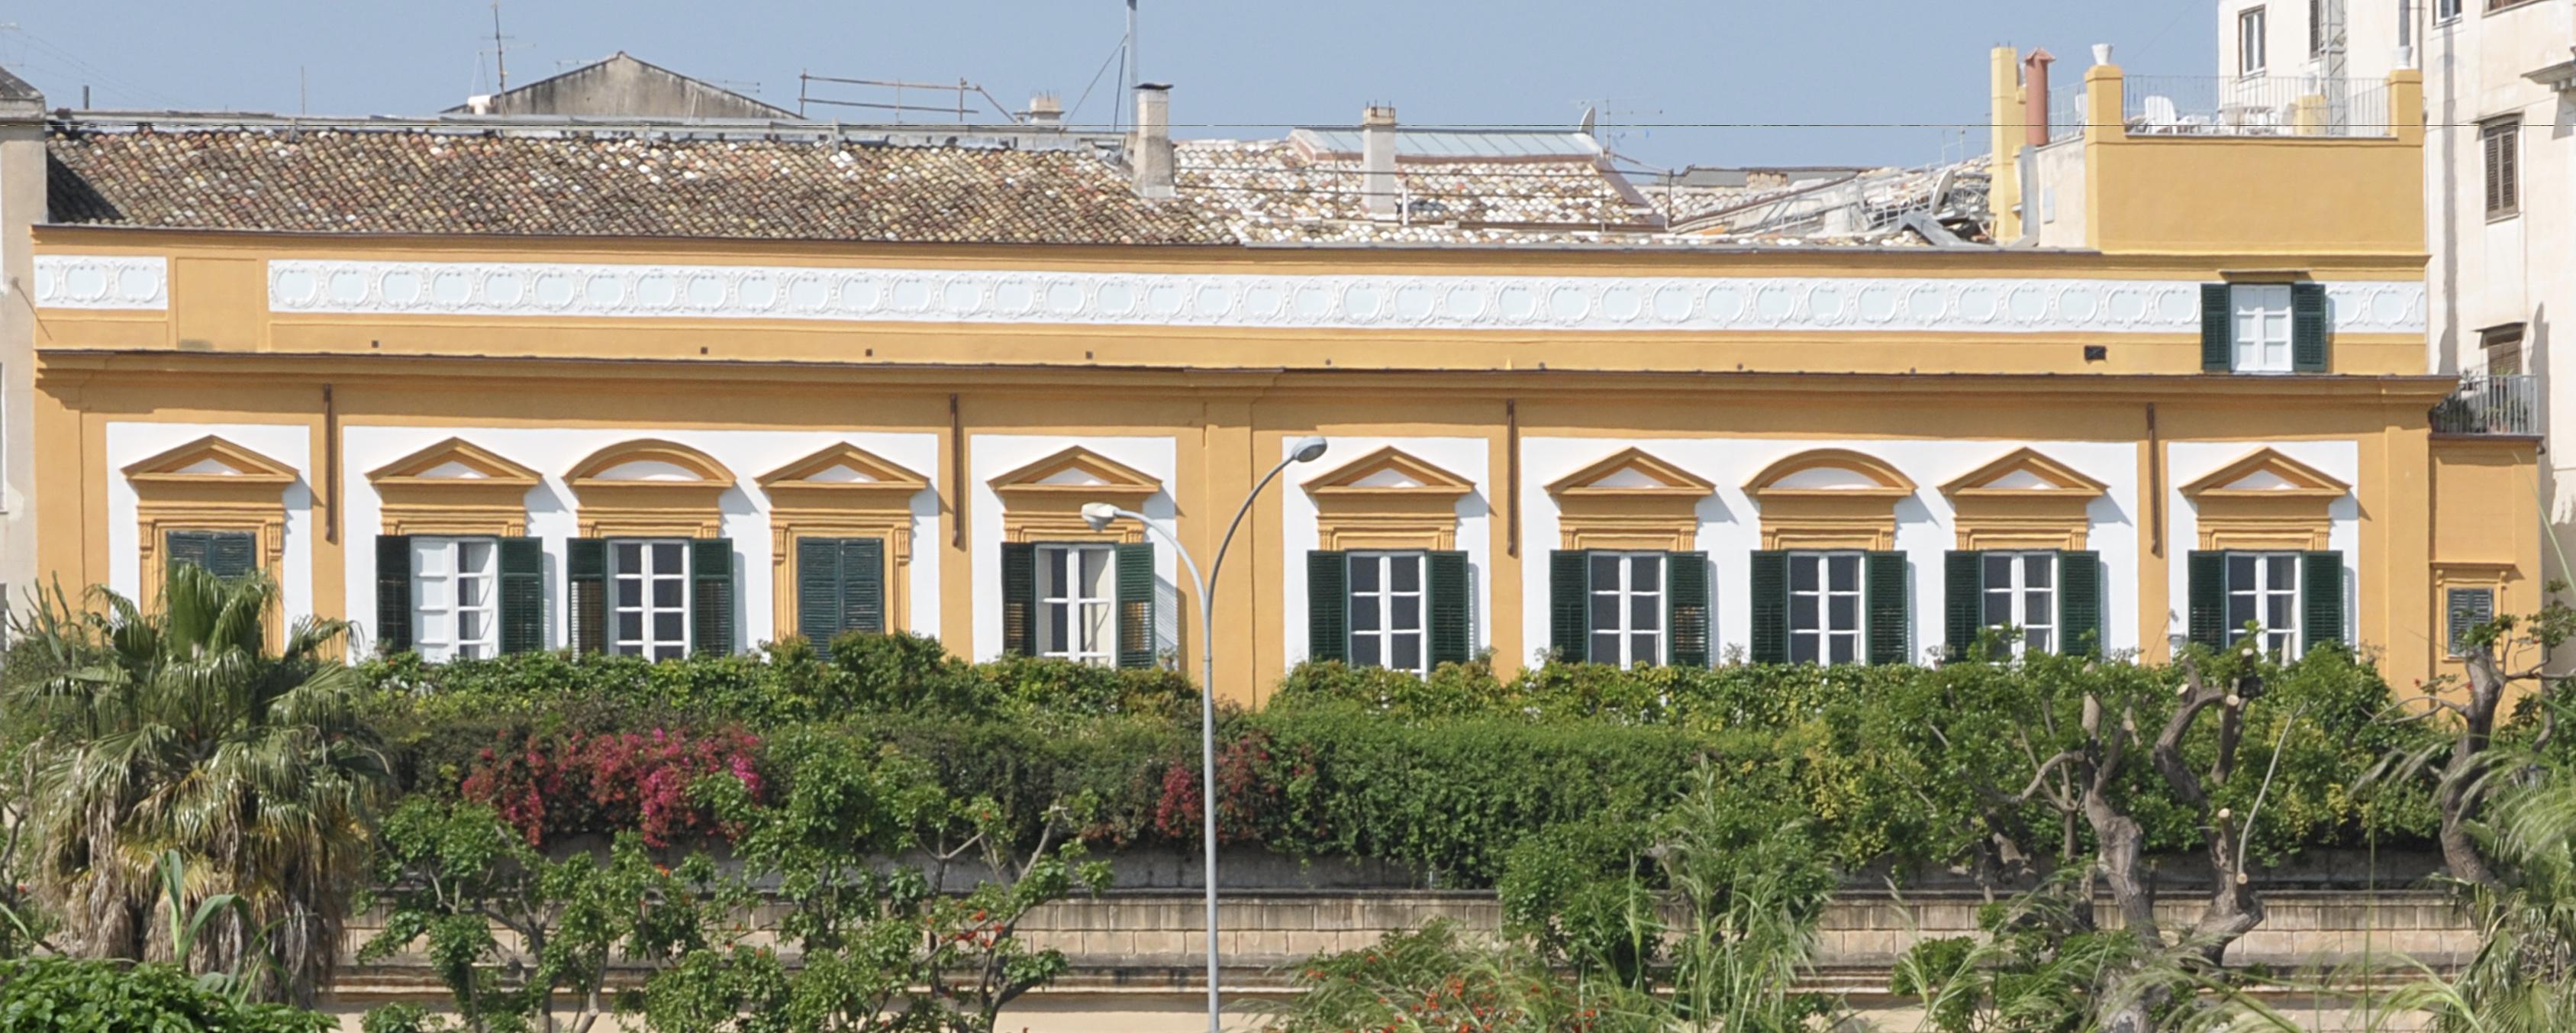 Palazzo Lanza Tomasi6.jpeg